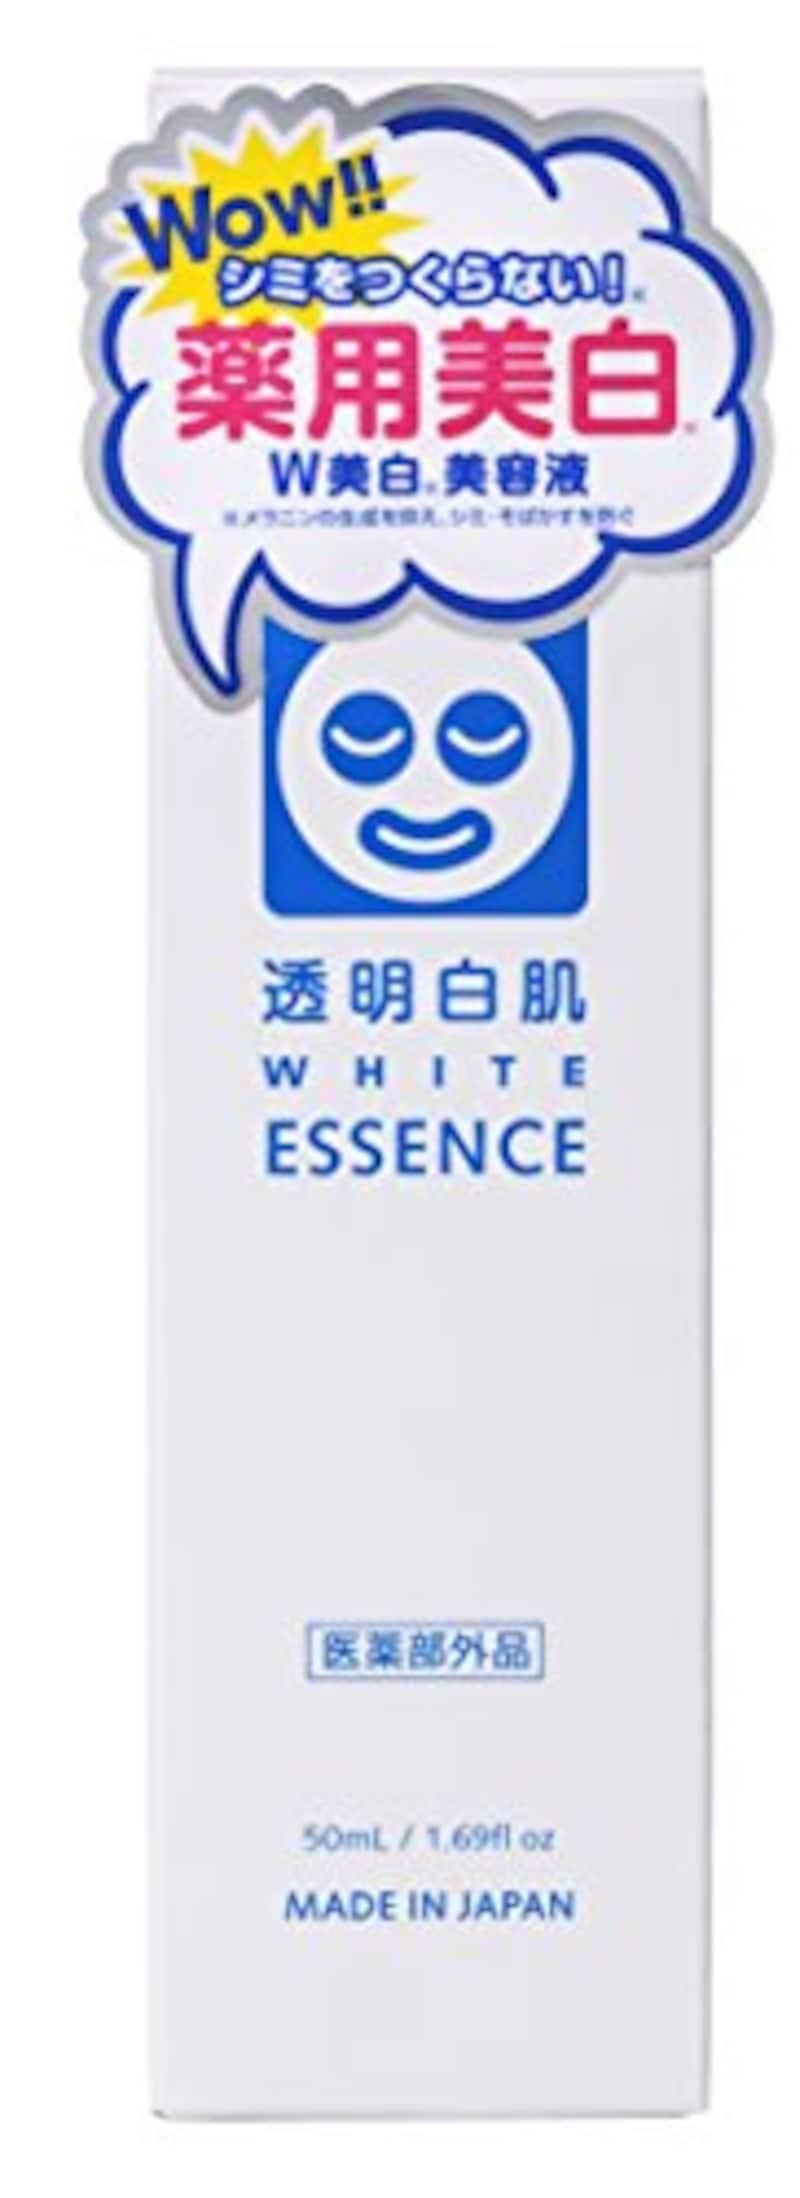 透明白肌,薬用Wホワイトエッセンス